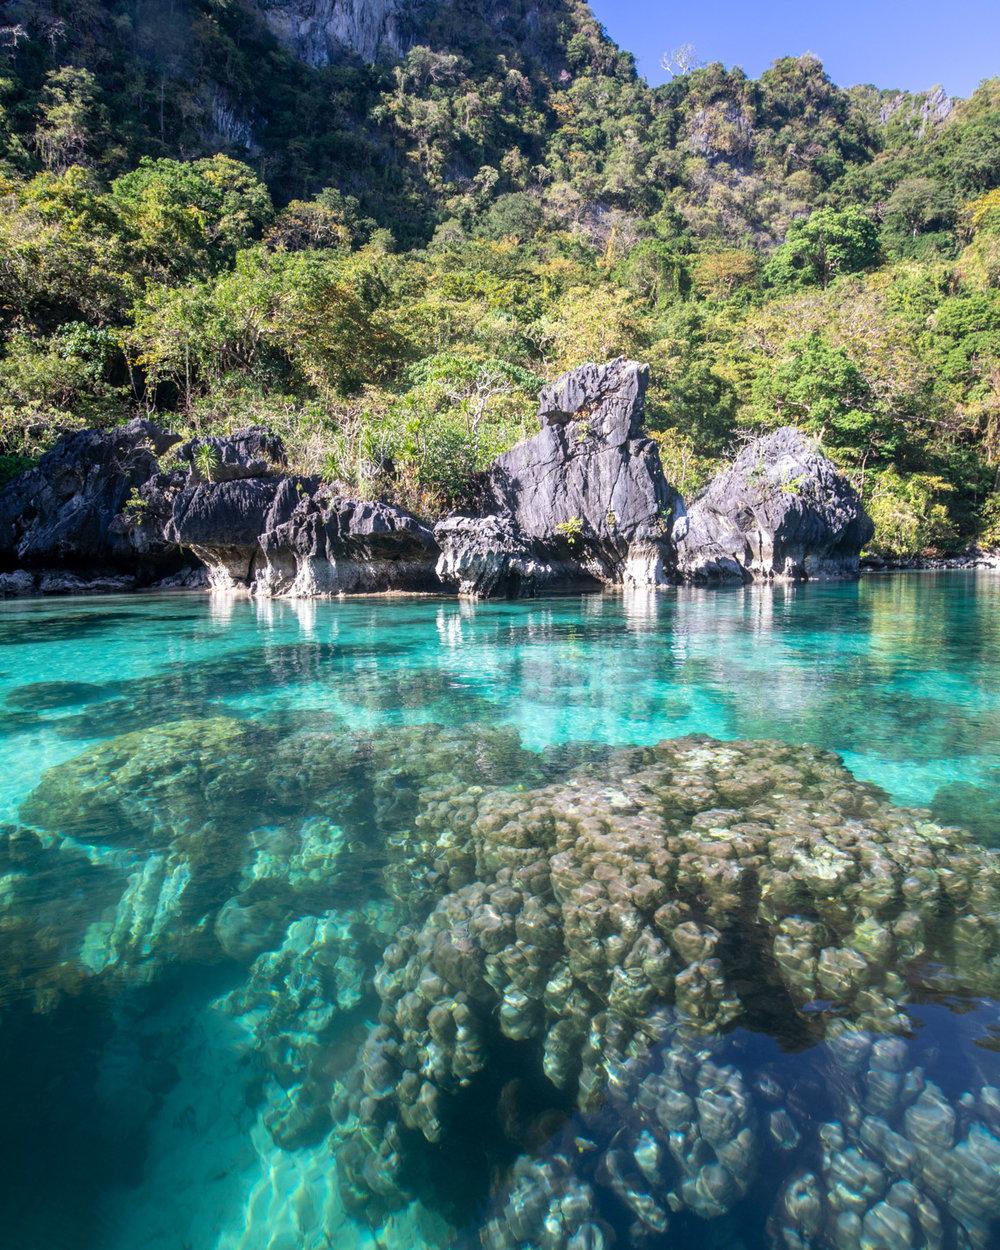 The coral at the Big Lagoon